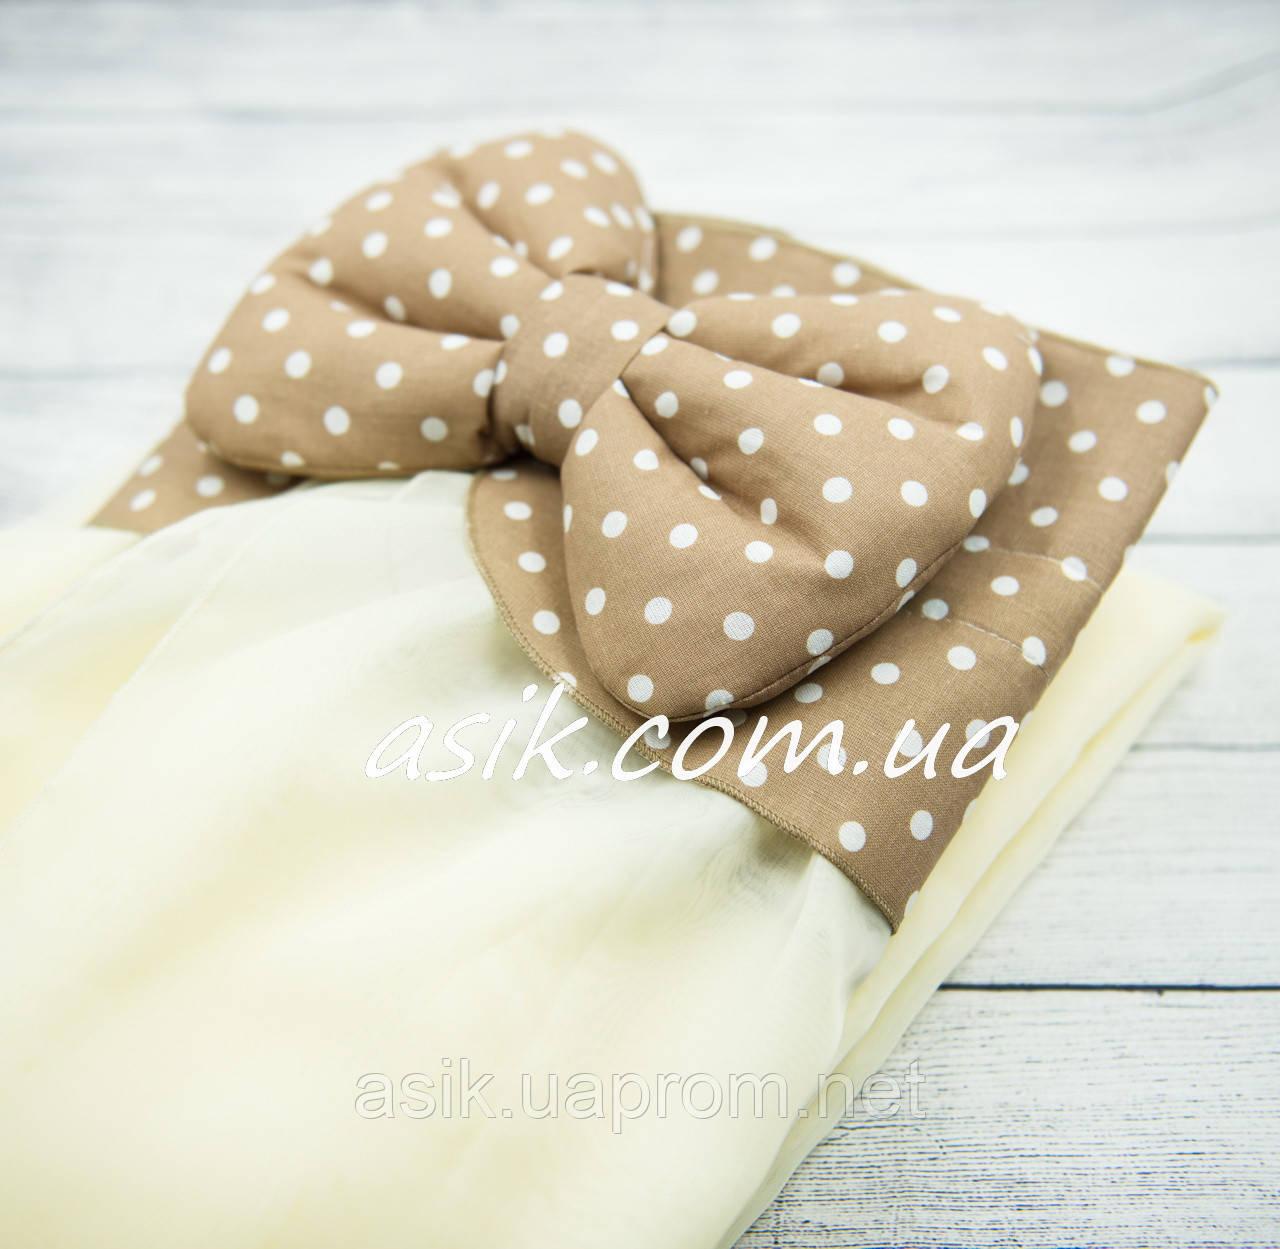 Балдахін на ліжечко з воланом коричневого кольору в горошок